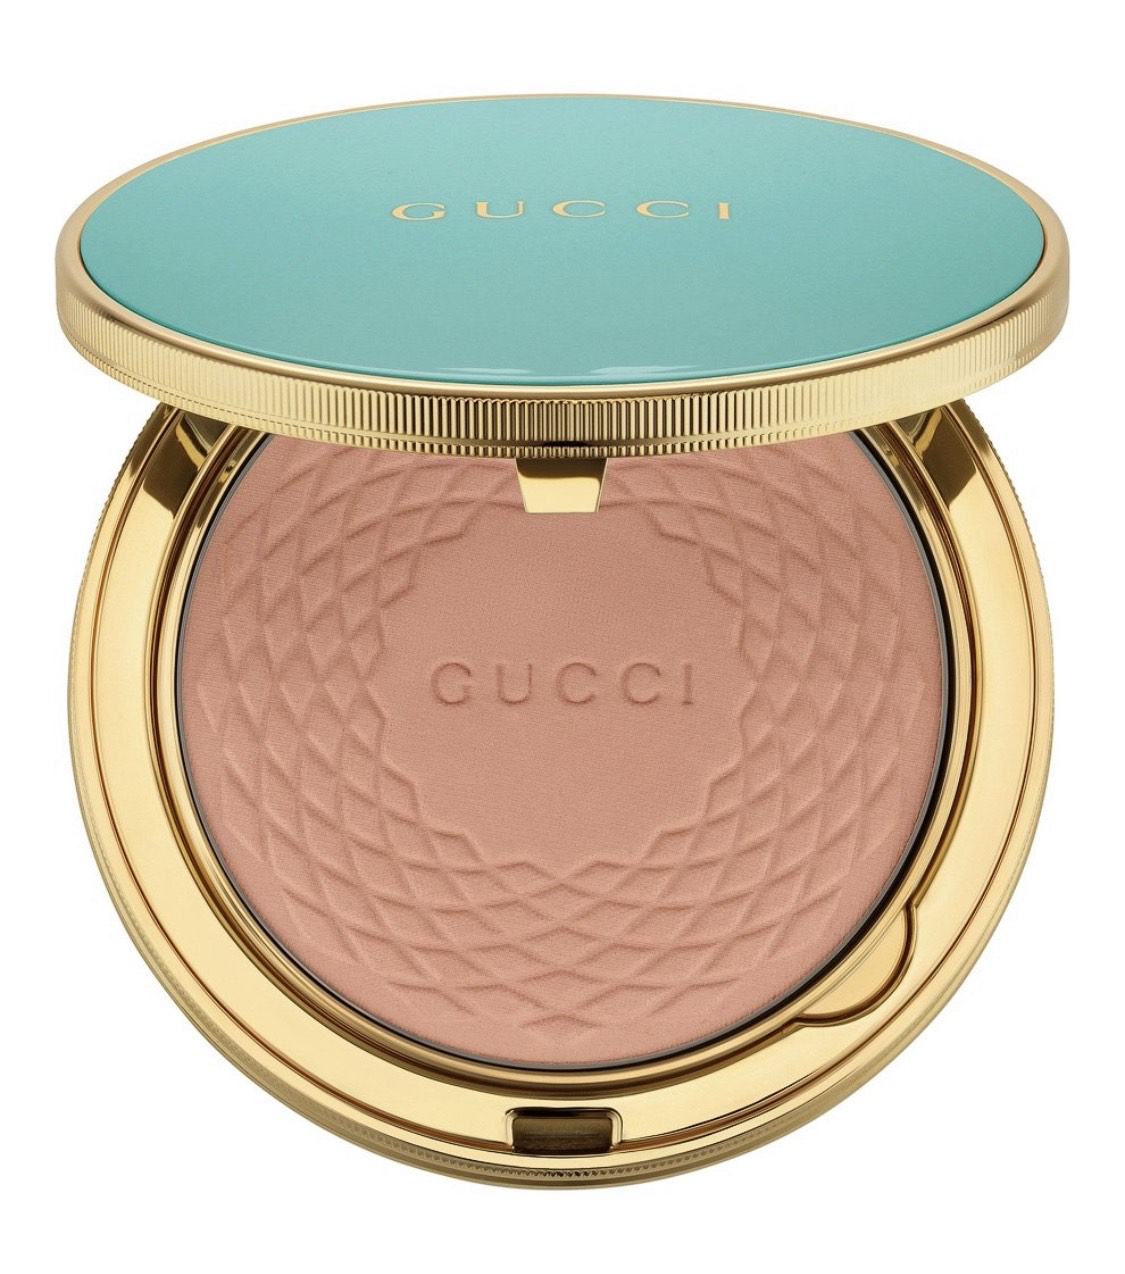 Бронзирующая пудра Gucci Poudre De Beaute Eclat Soleil, 1 с маслом ши и гиалуроновой кислотой, 4 200 р. Пудра питает и увлажняет кожу, придавая ей теплое сияние.